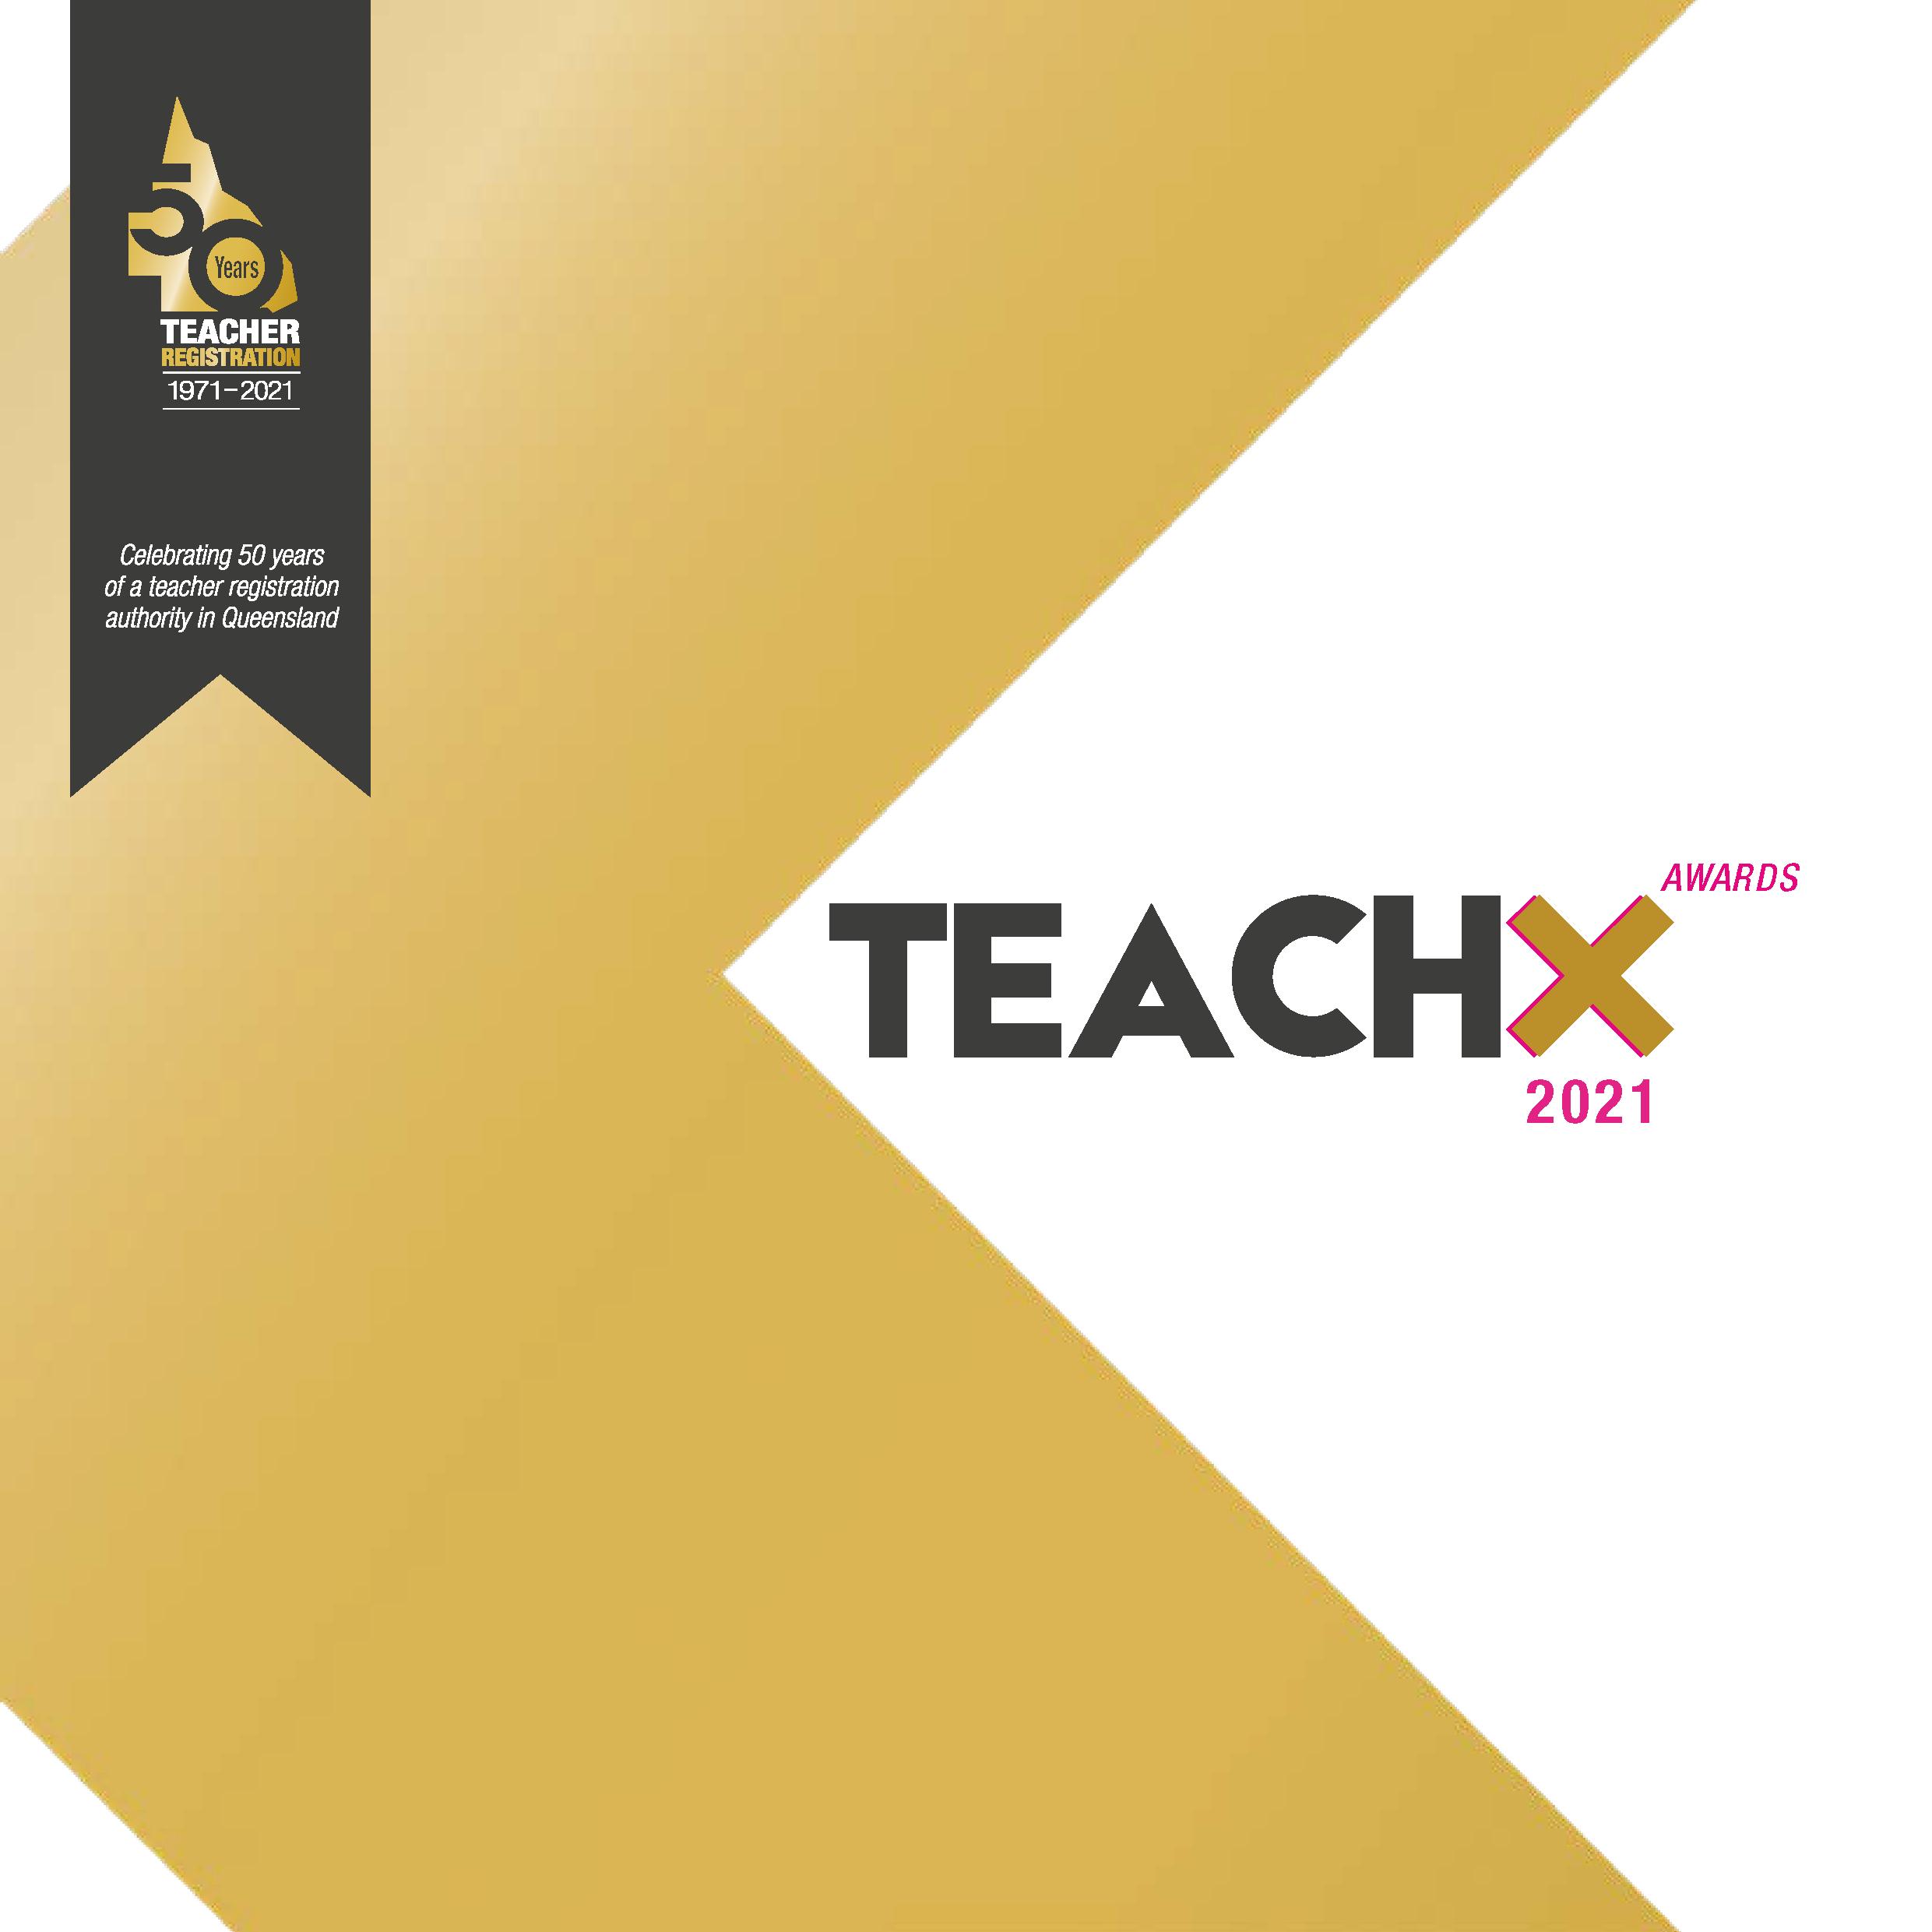 2021 TEACHX Awards program